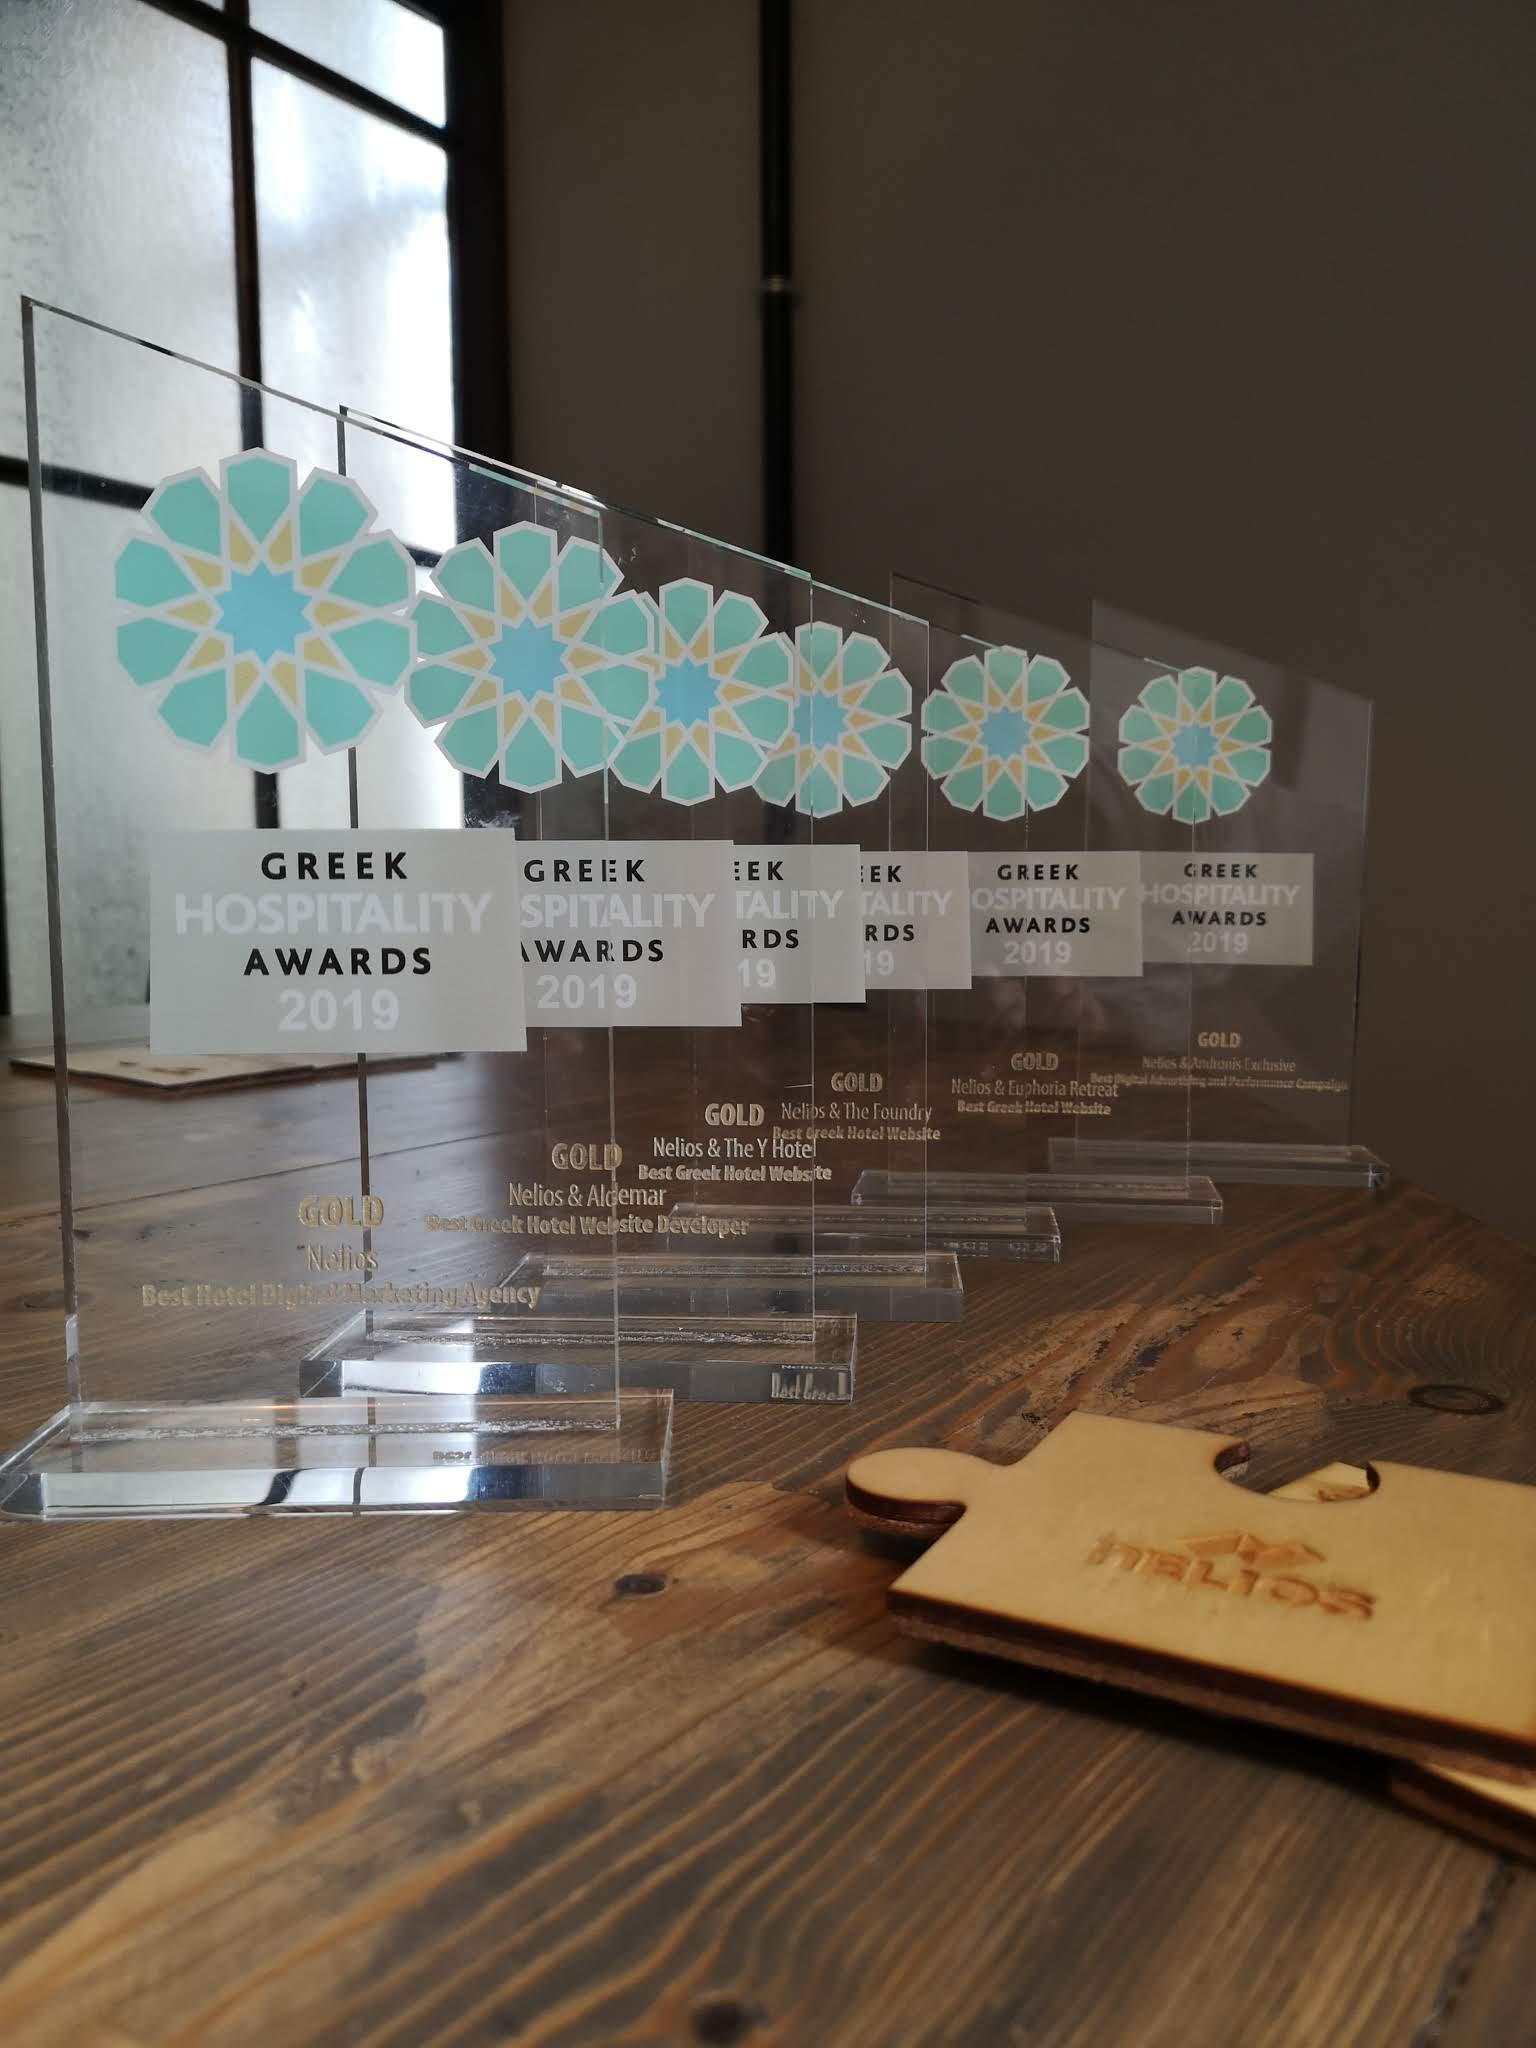 Έξι χρυσές διακρίσεις για την Nelios στα φετινά Greek Hospitality Awards.